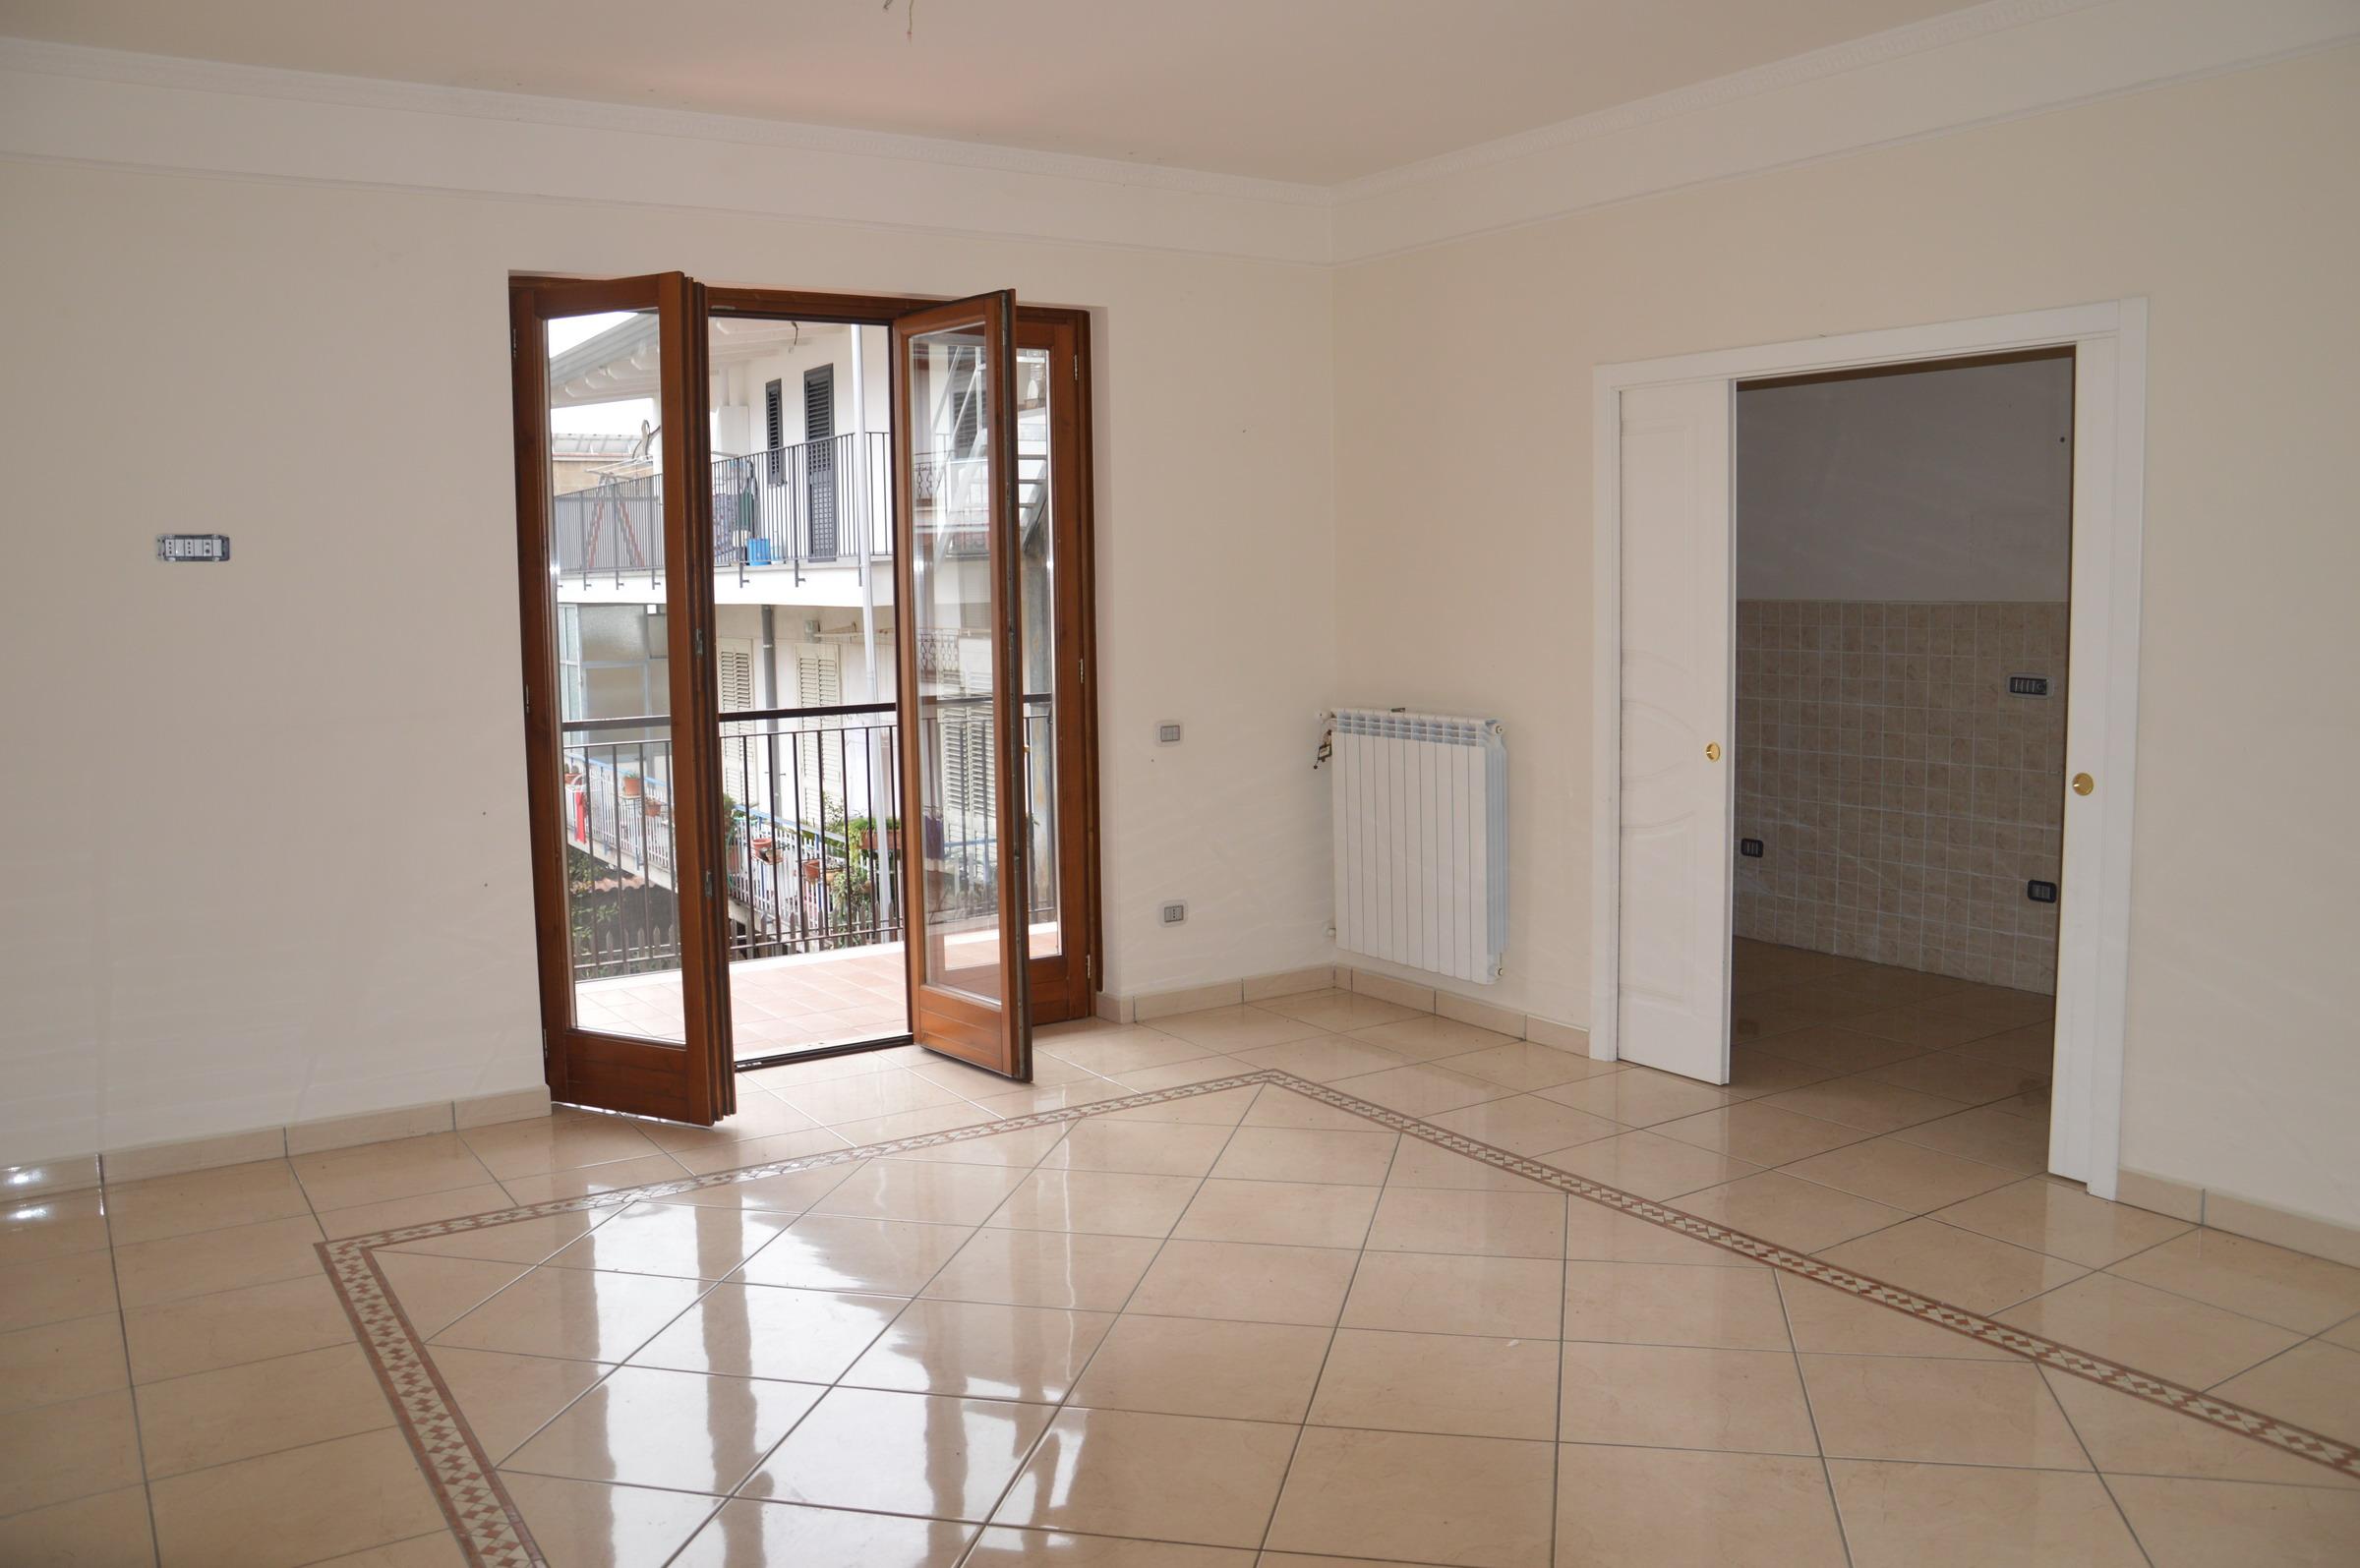 Progettare interni casa online gratis with progettare for Progettare mobili online